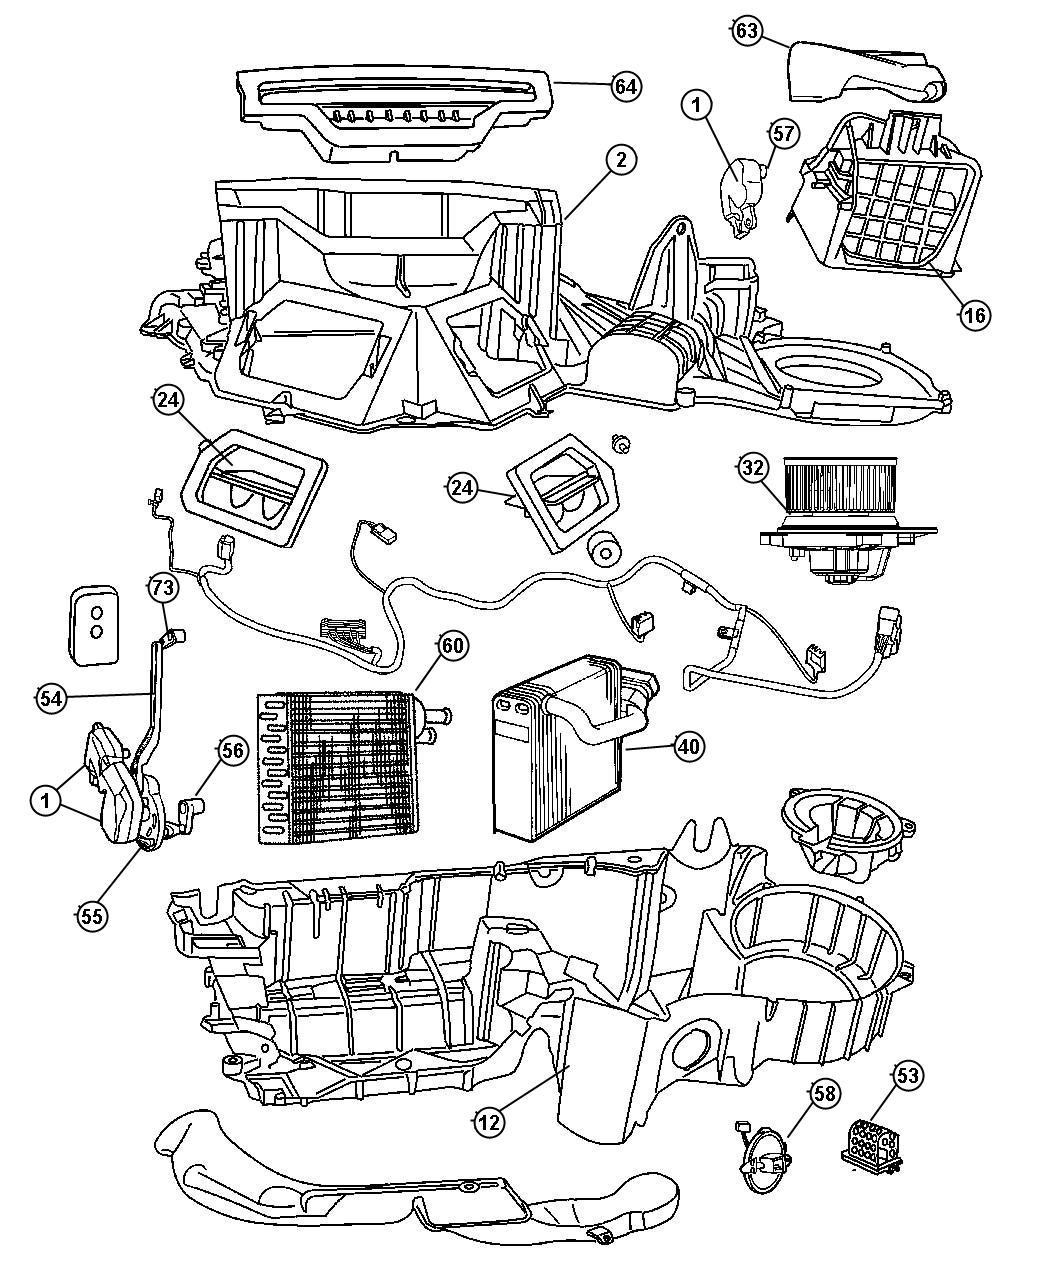 ducane air conditioner parts · air conditioning unit air conditioning unit  with heater